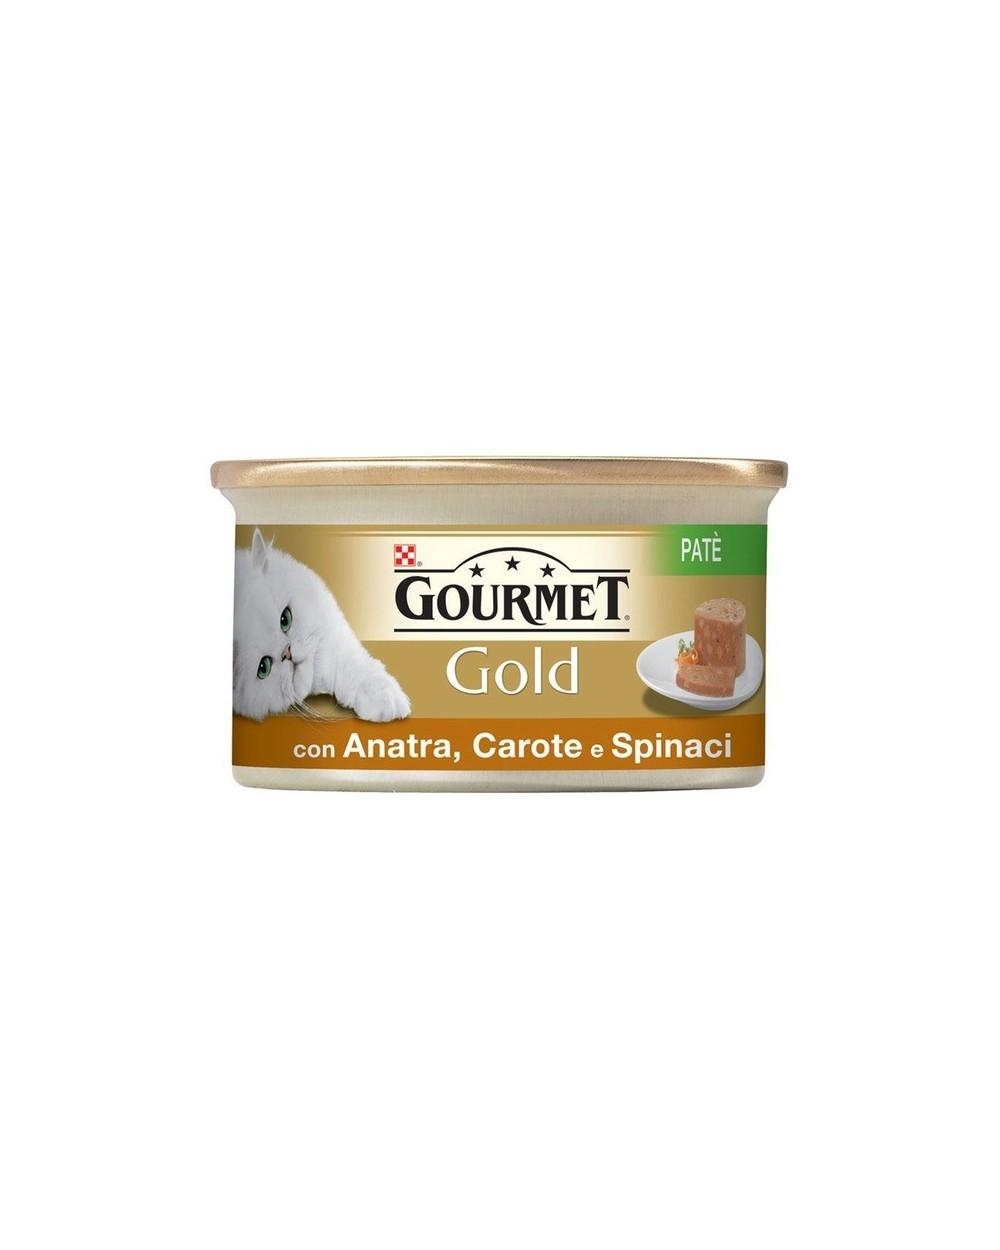 Gourmet Gold Patè con Anatra Carote e Spinaci